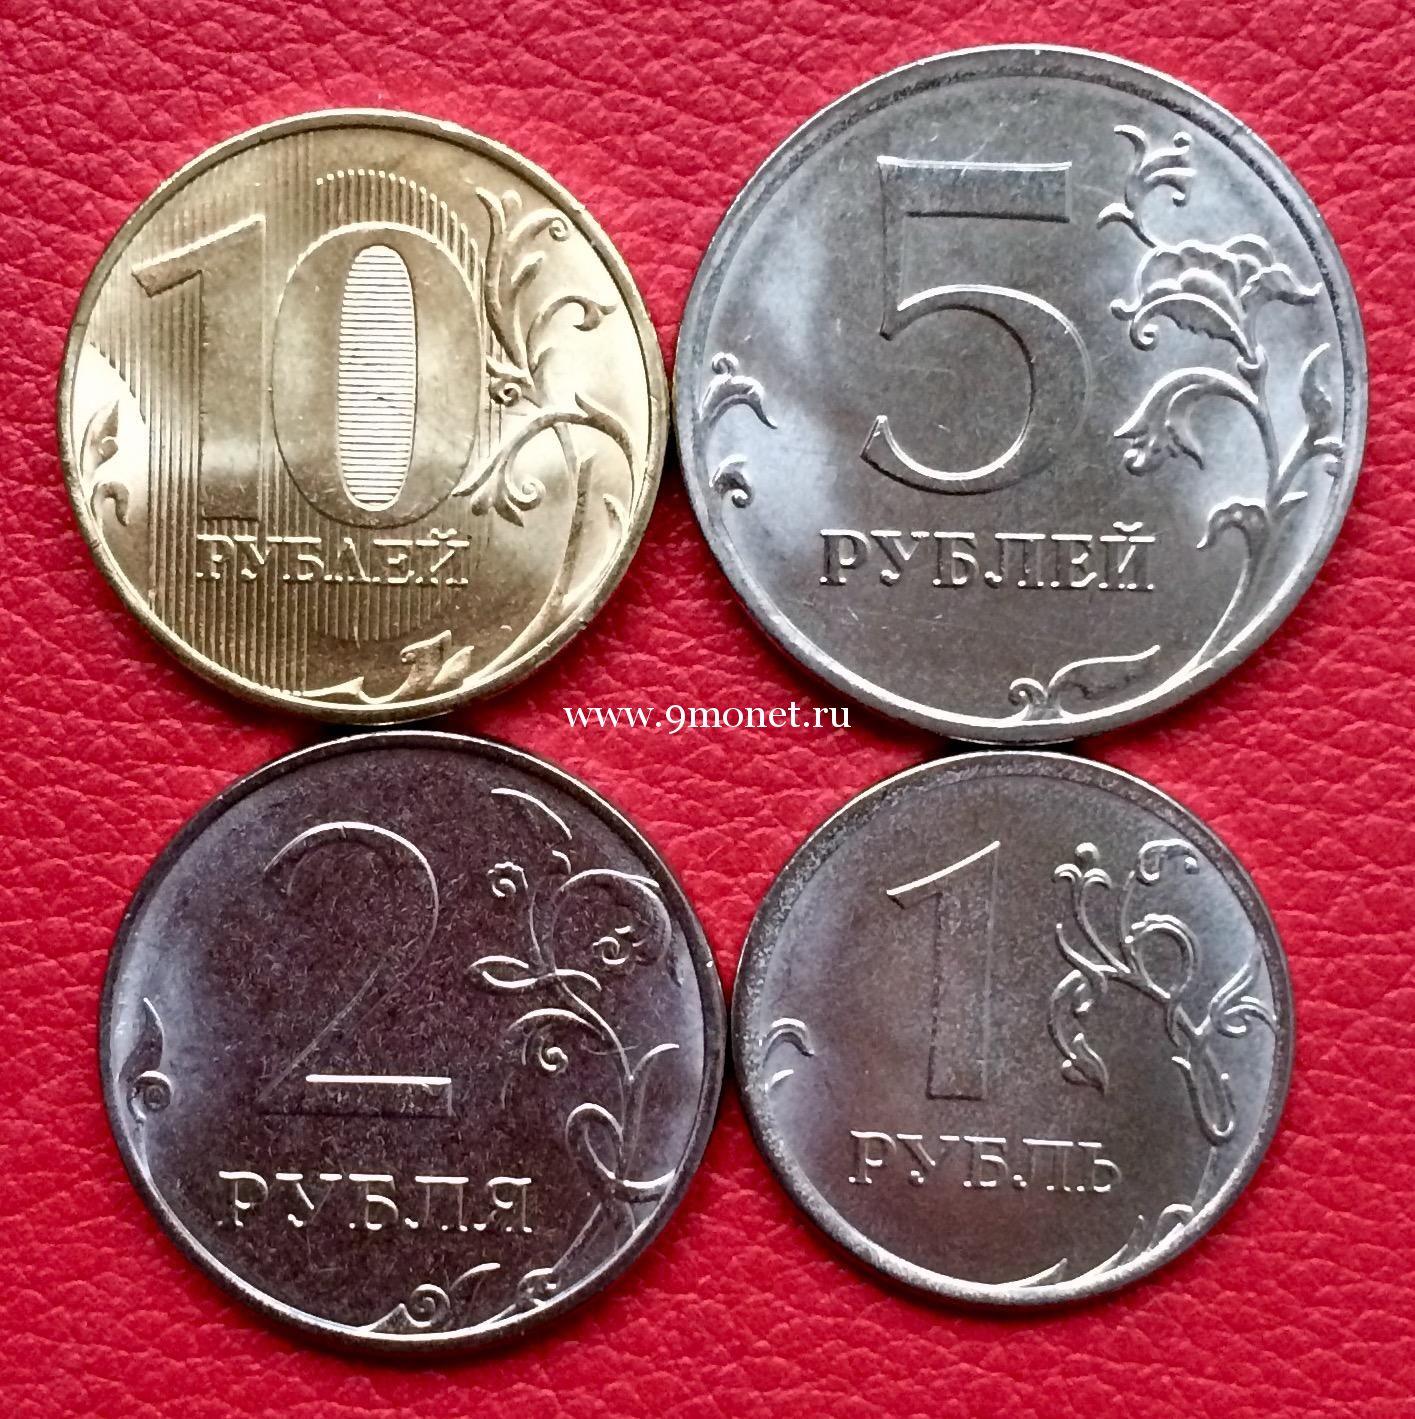 2017 год. Россия Годовой набор монет 1,2,5,10 рублей. UNC